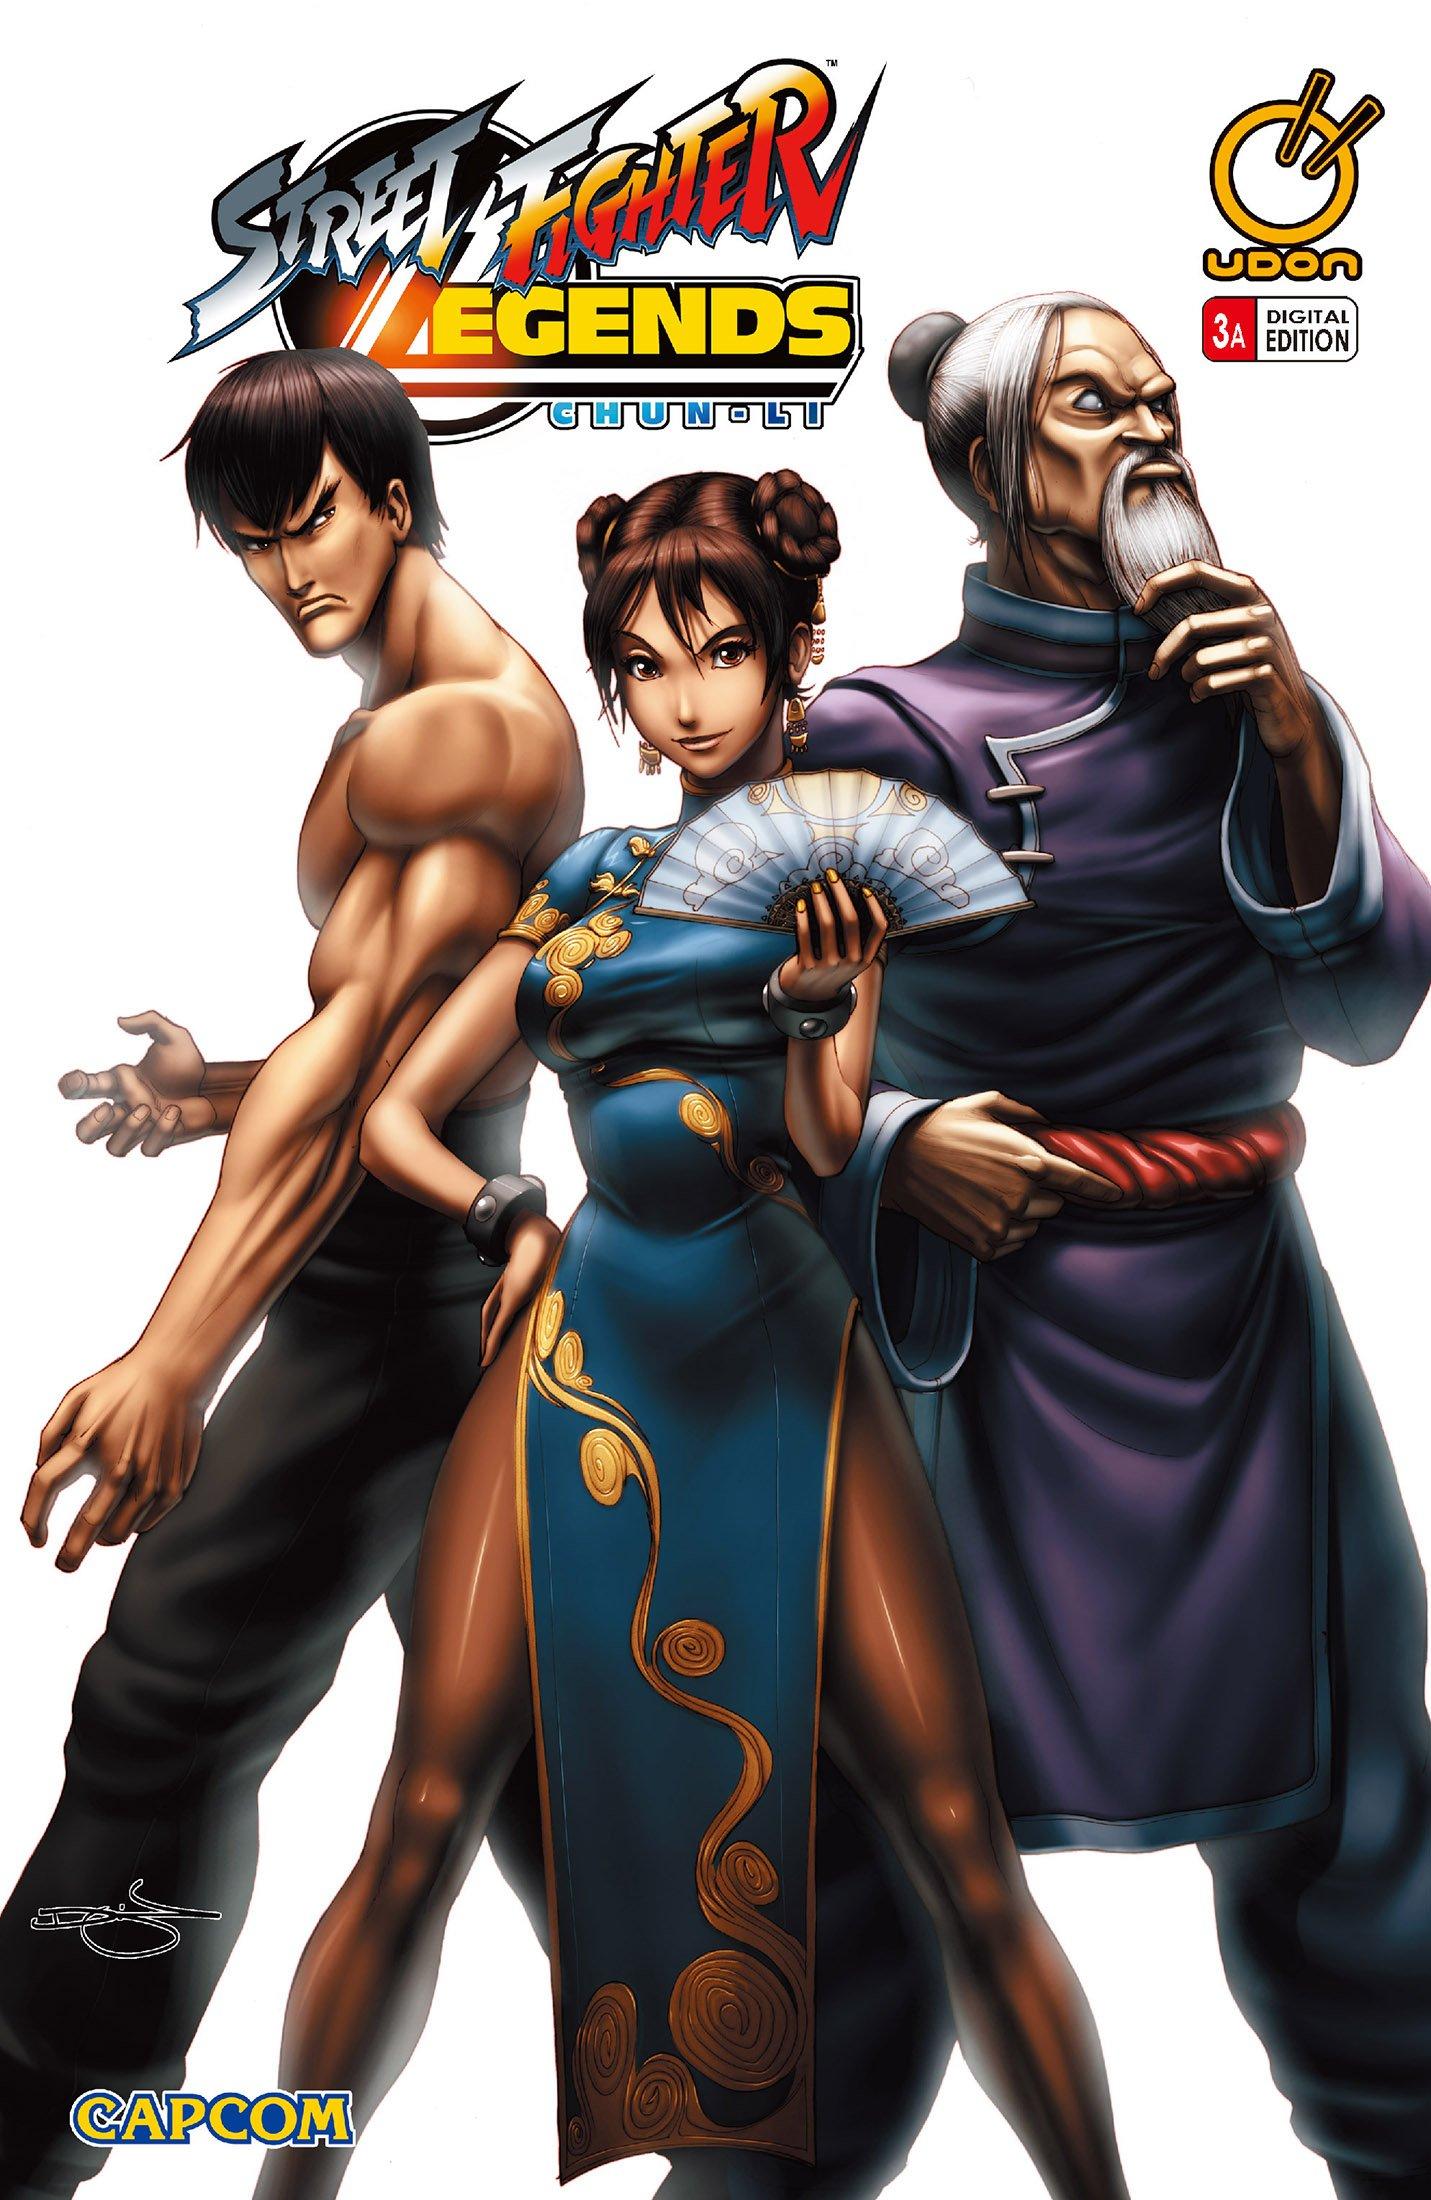 Street Fighter Legends: Chun-Li 003 (June 2009) (cover a)